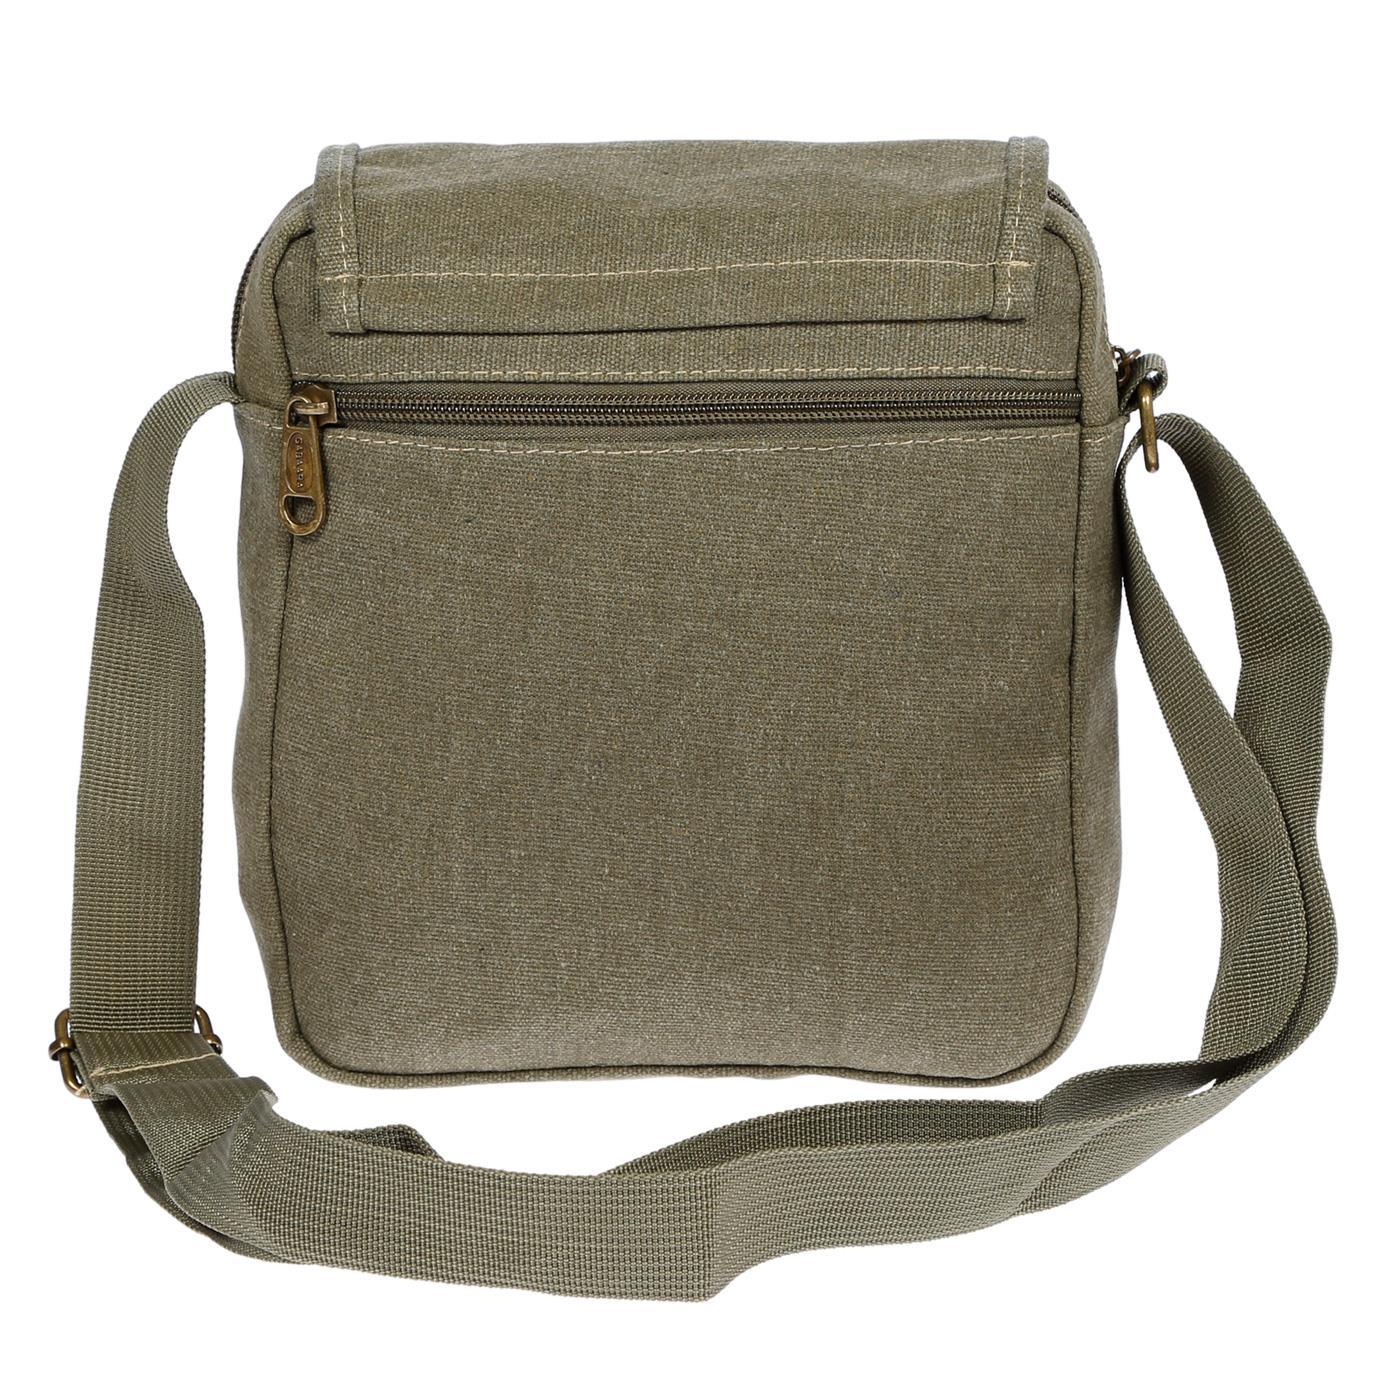 Damen-Herren-Tasche-Canvas-Umhaengetasche-Schultertasche-Crossover-Bag-Handtasche Indexbild 39